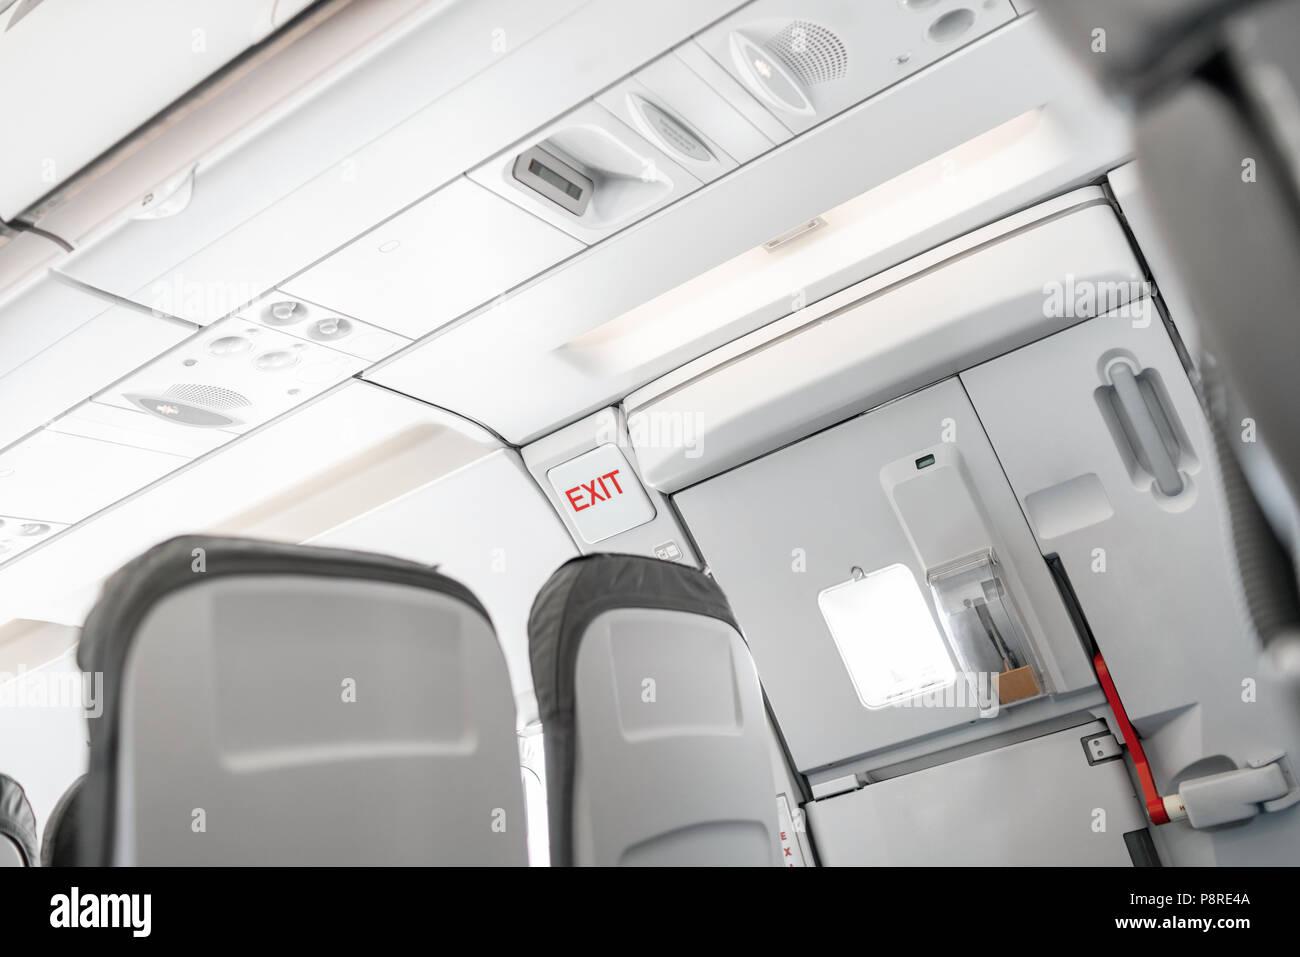 Uscita di emergenza a bordo di un aeromobile, vista dall'interno del piano. Vuoto aereo sedi nella cabina. Moderno concetto di trasporto. Aeromobili a lunga distanza di volo internazionale Foto Stock